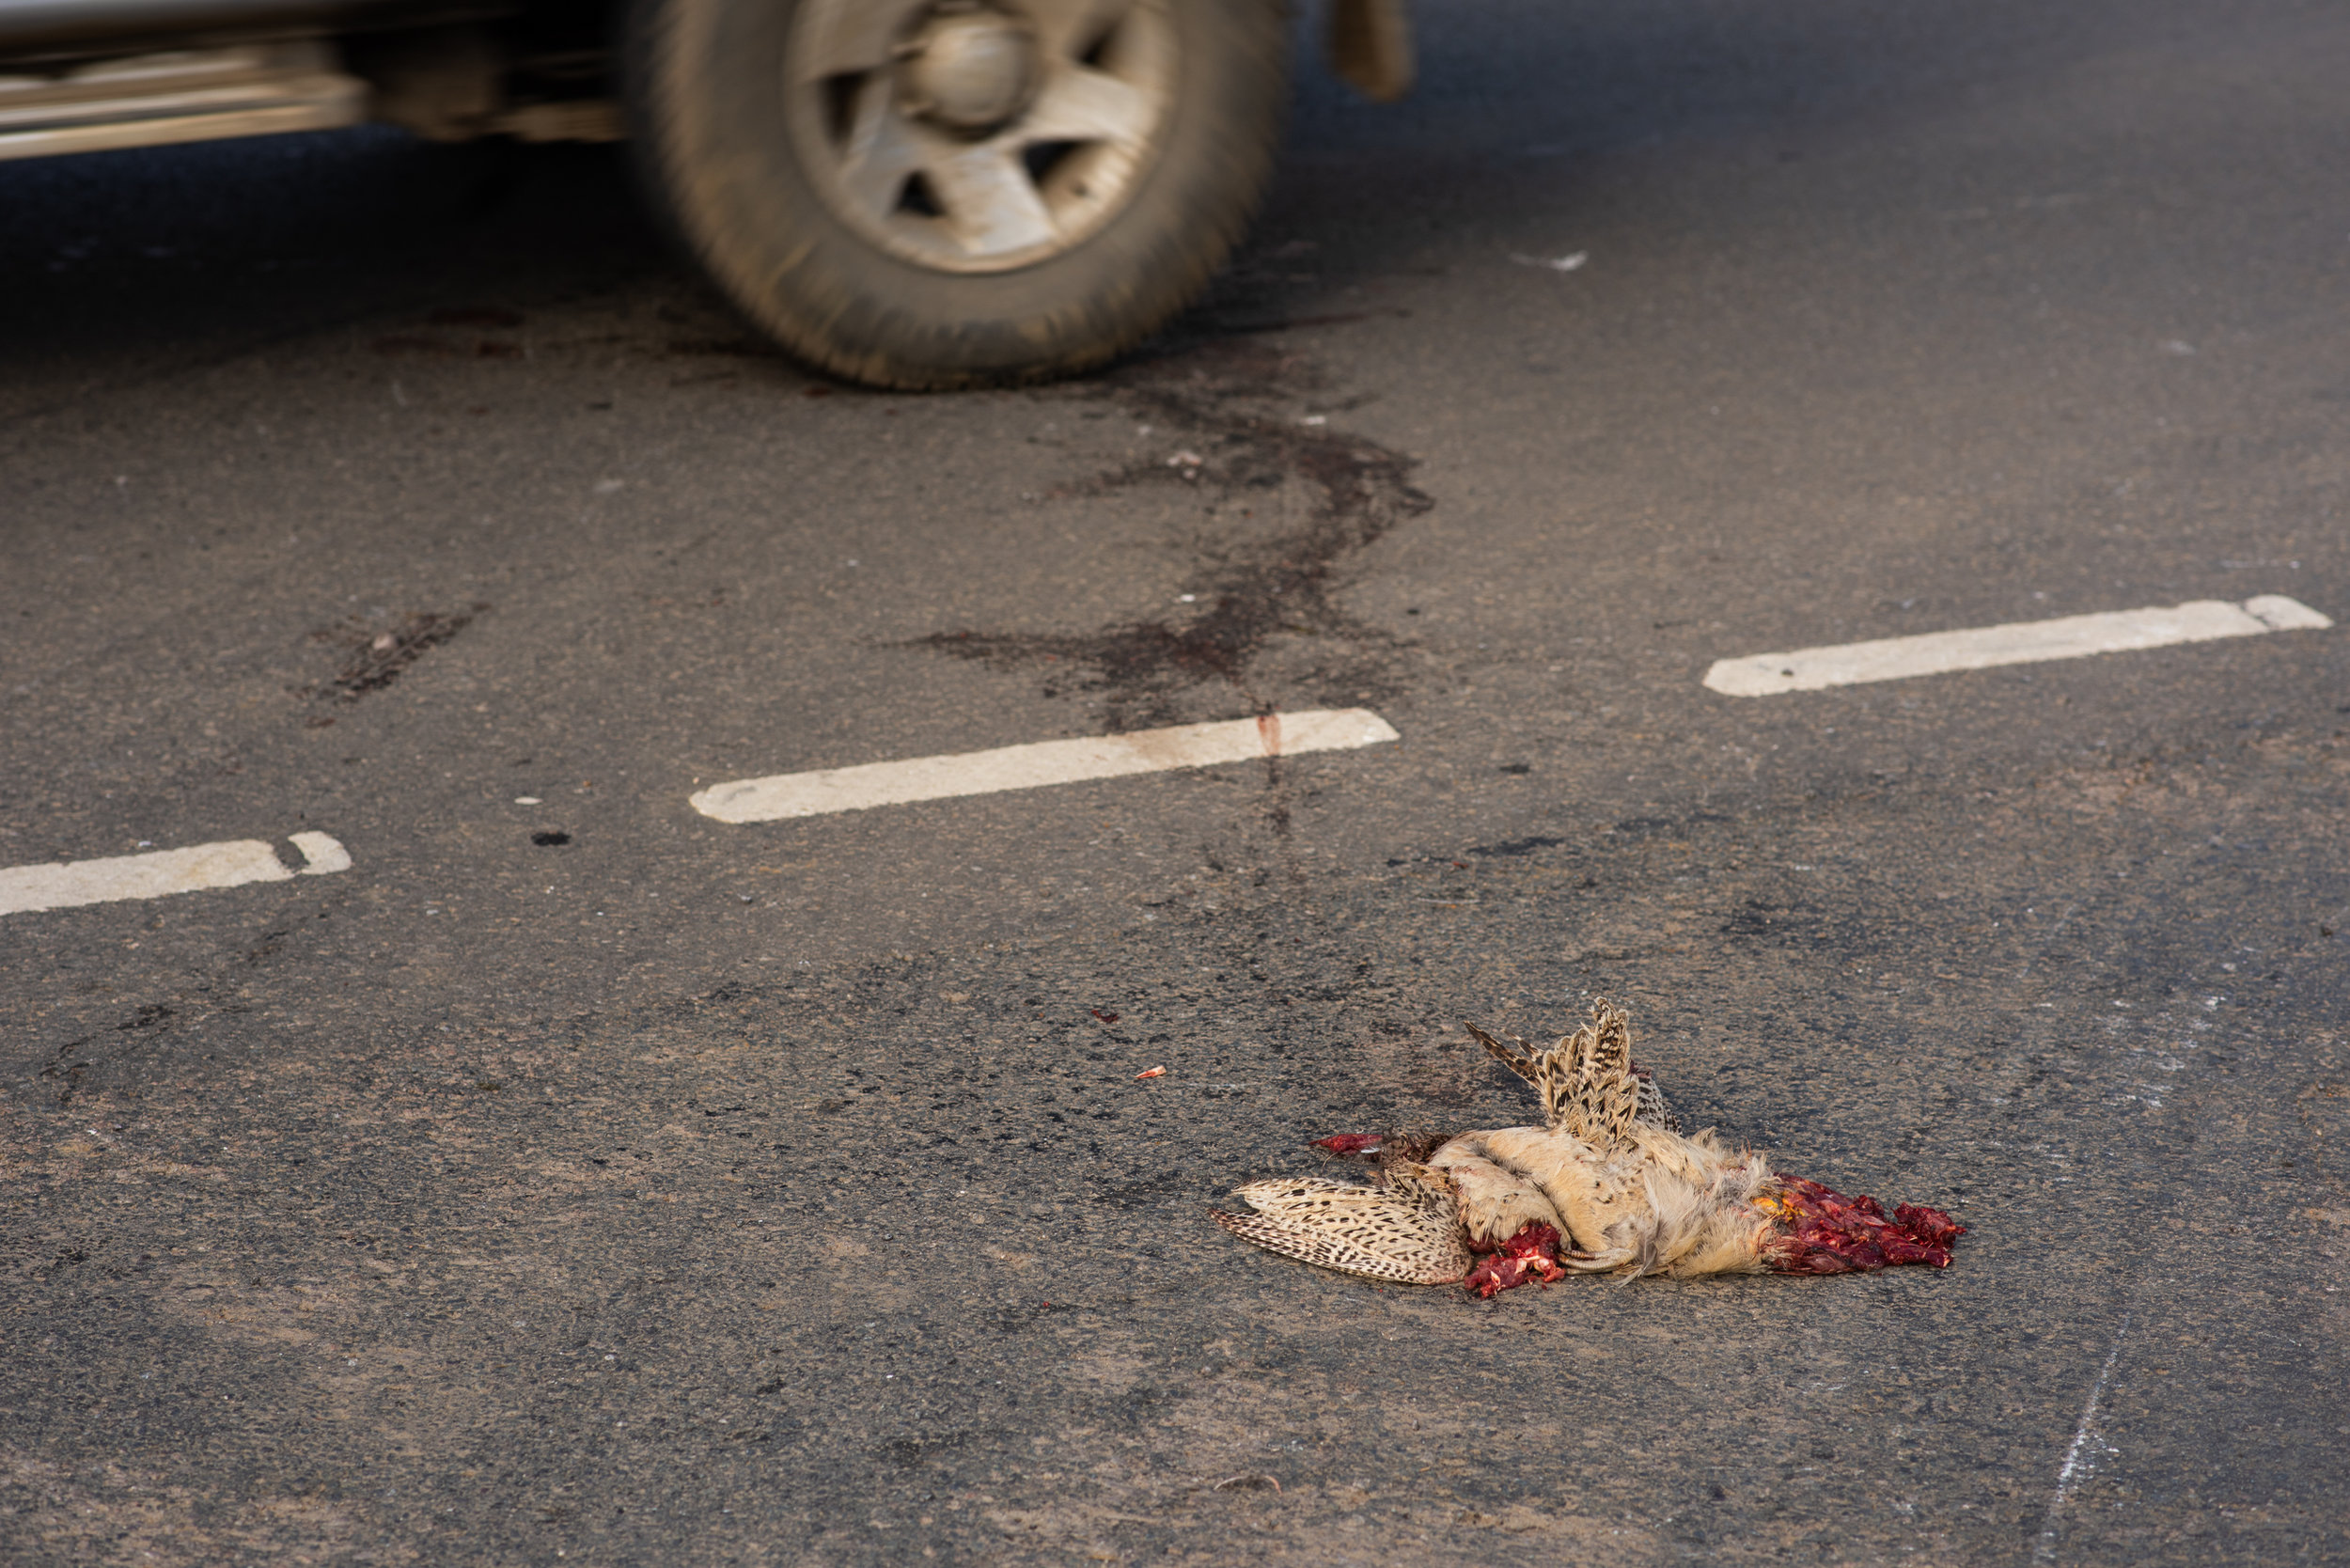 Roadkill Pheasant, Midlands, 2019